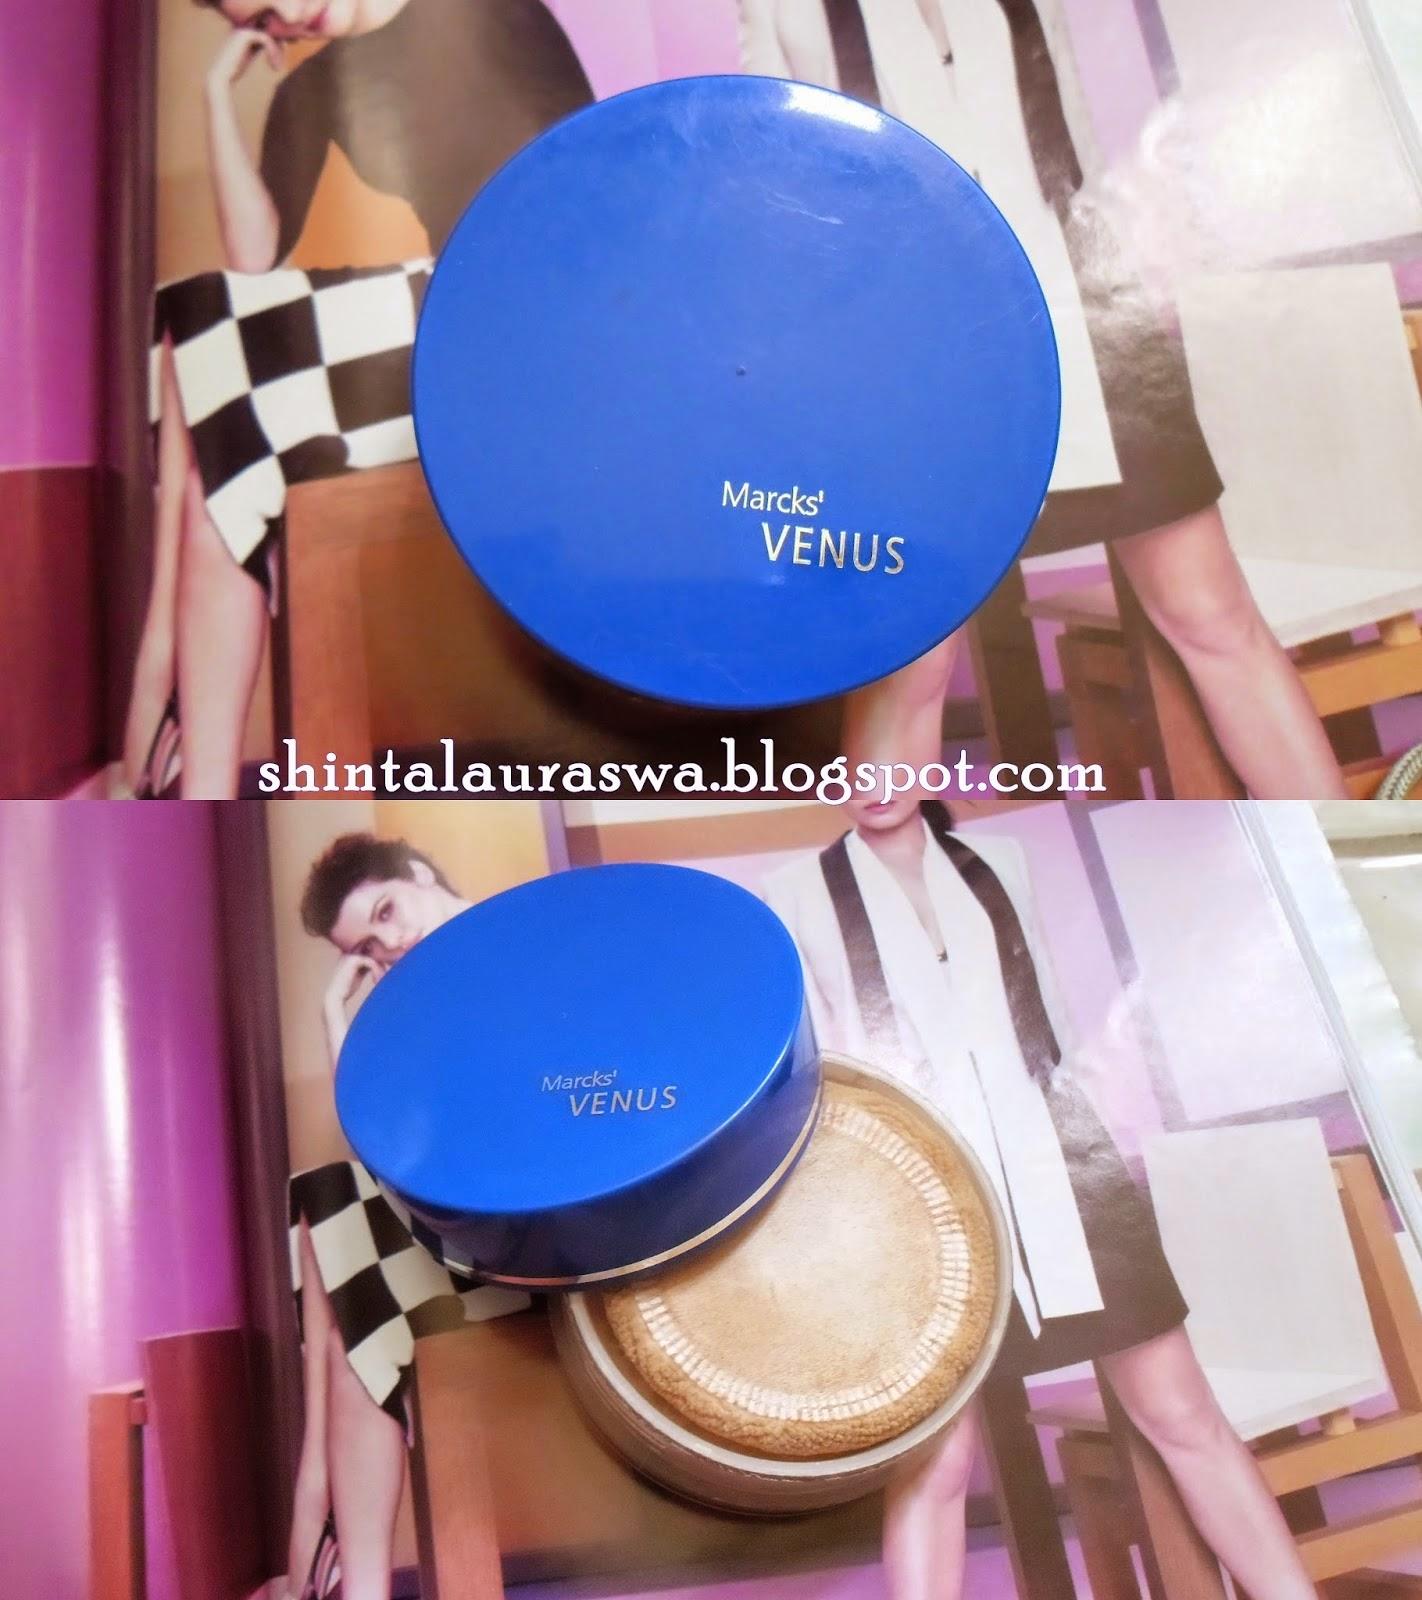 Shinta Laura Dewanis Room Daftar Makeup Terjangkau Bagi